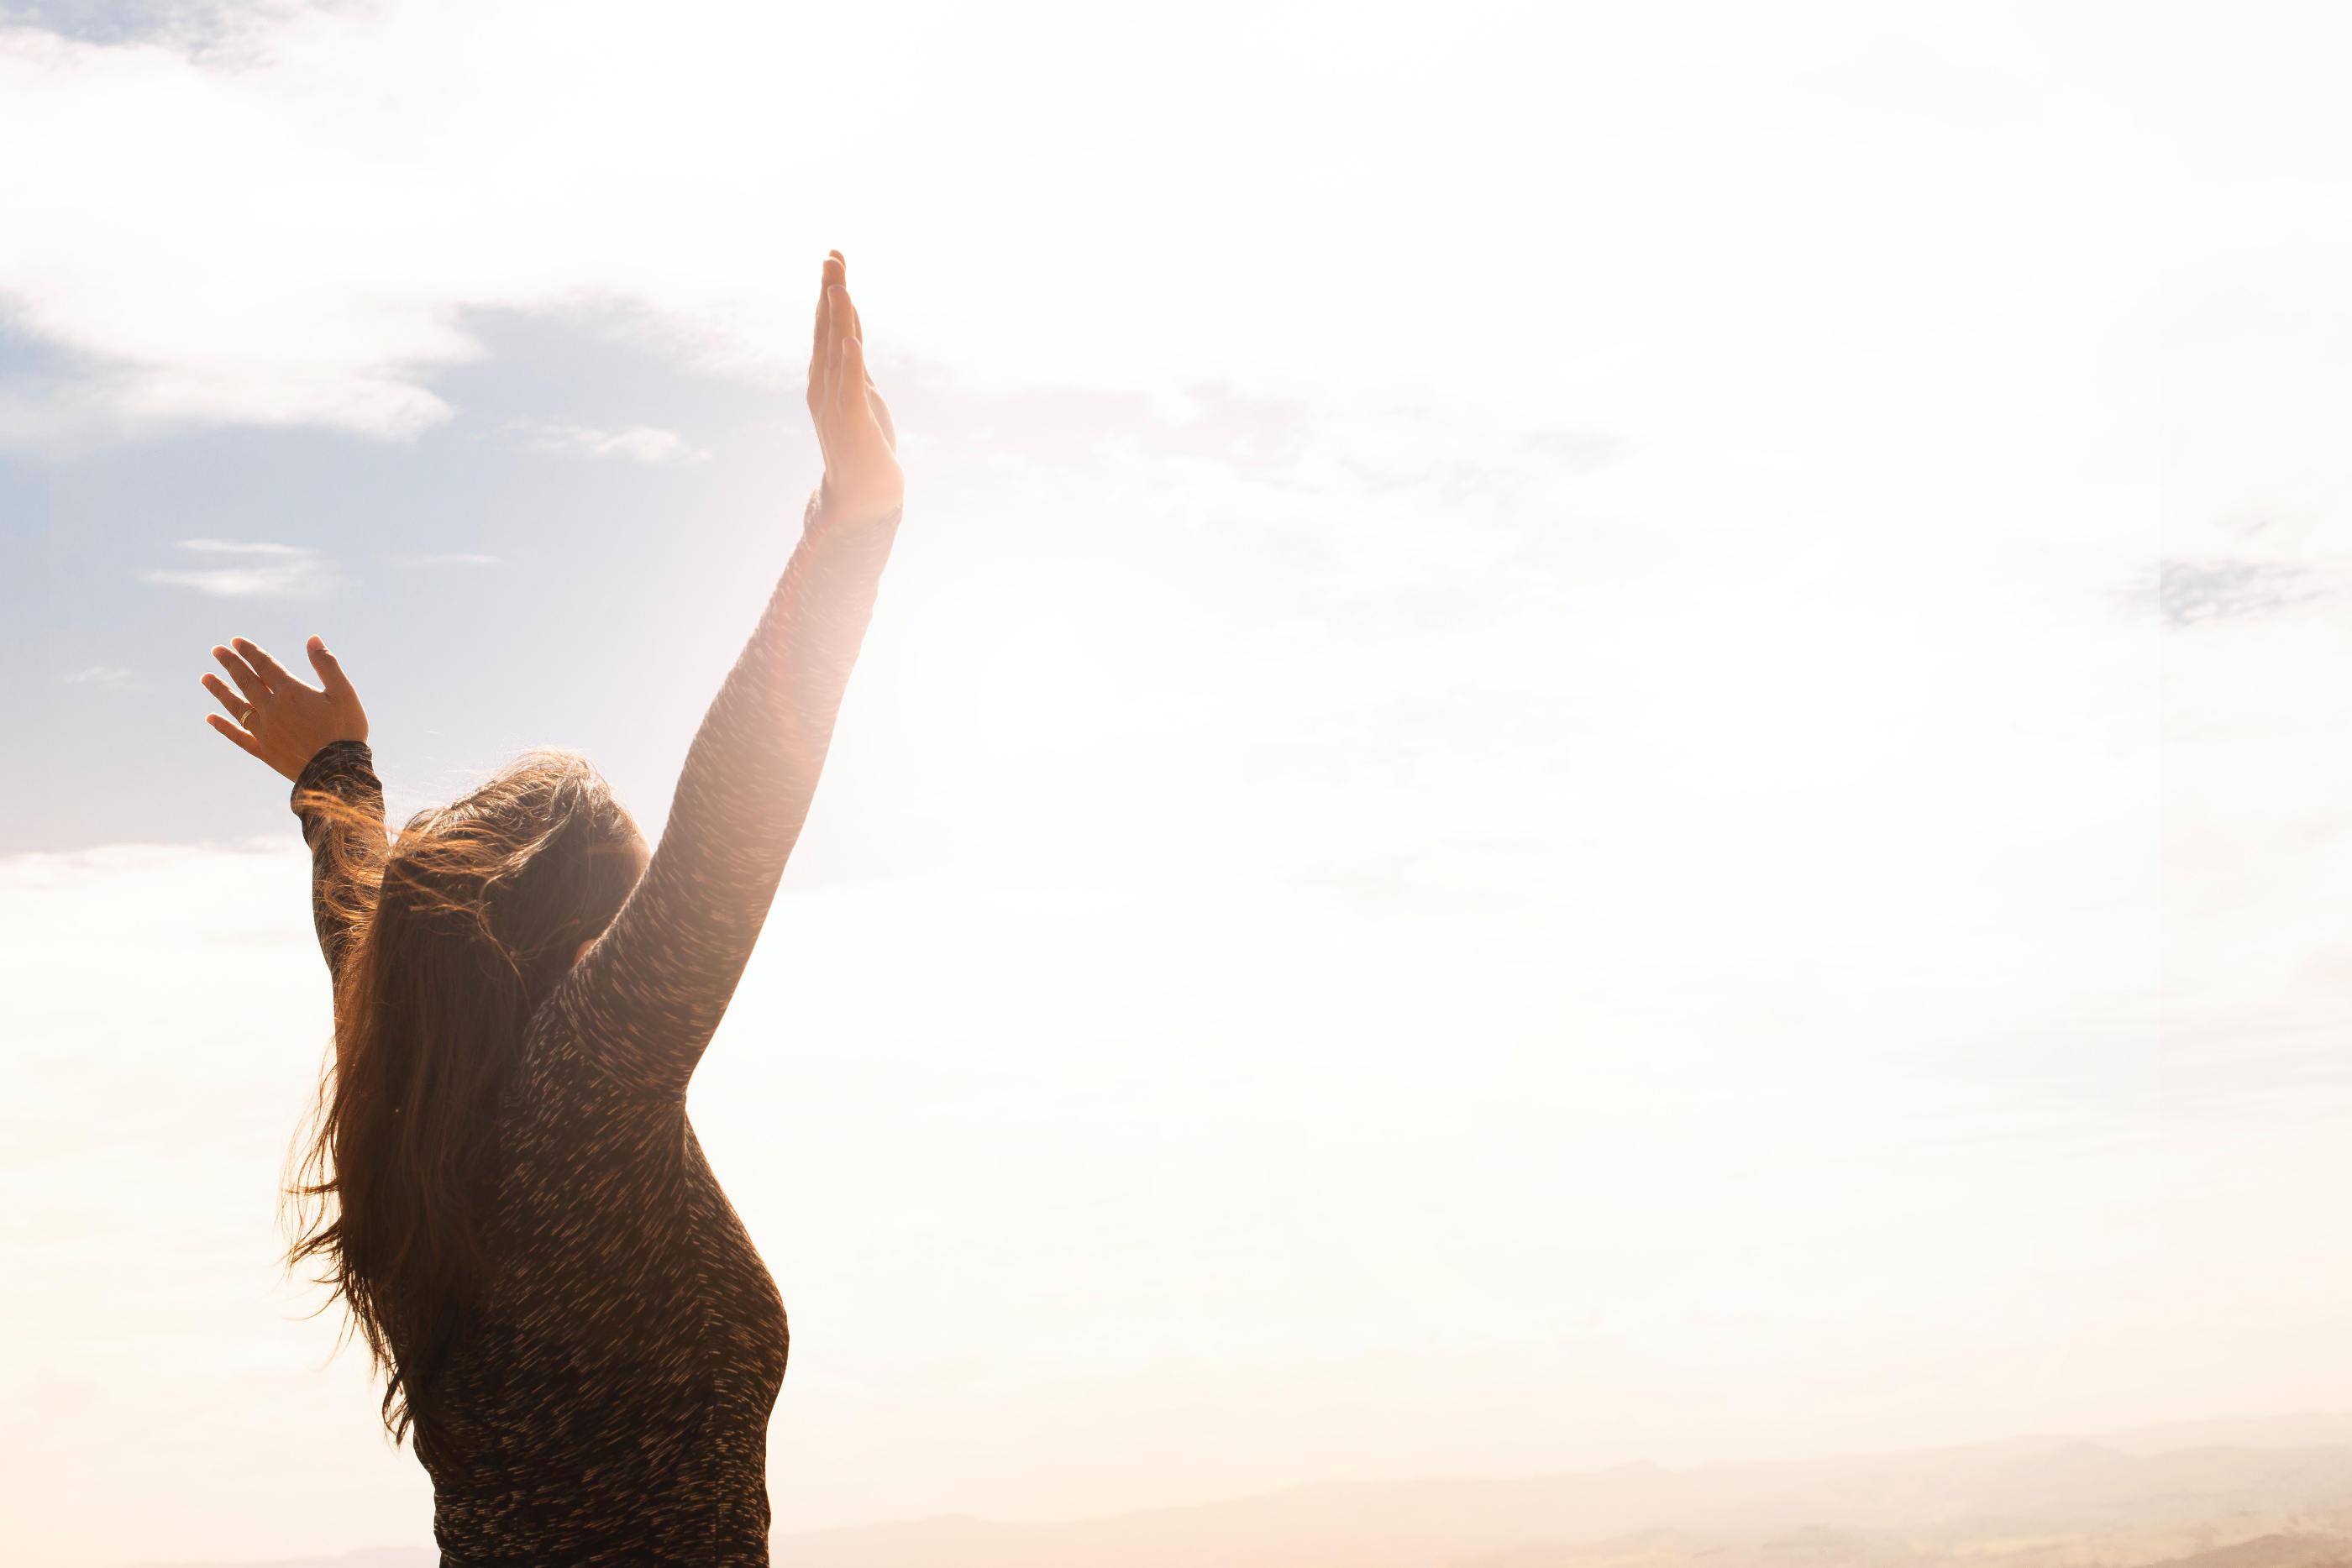 Rapariga com os braços no ar enquanto olha para o céu.